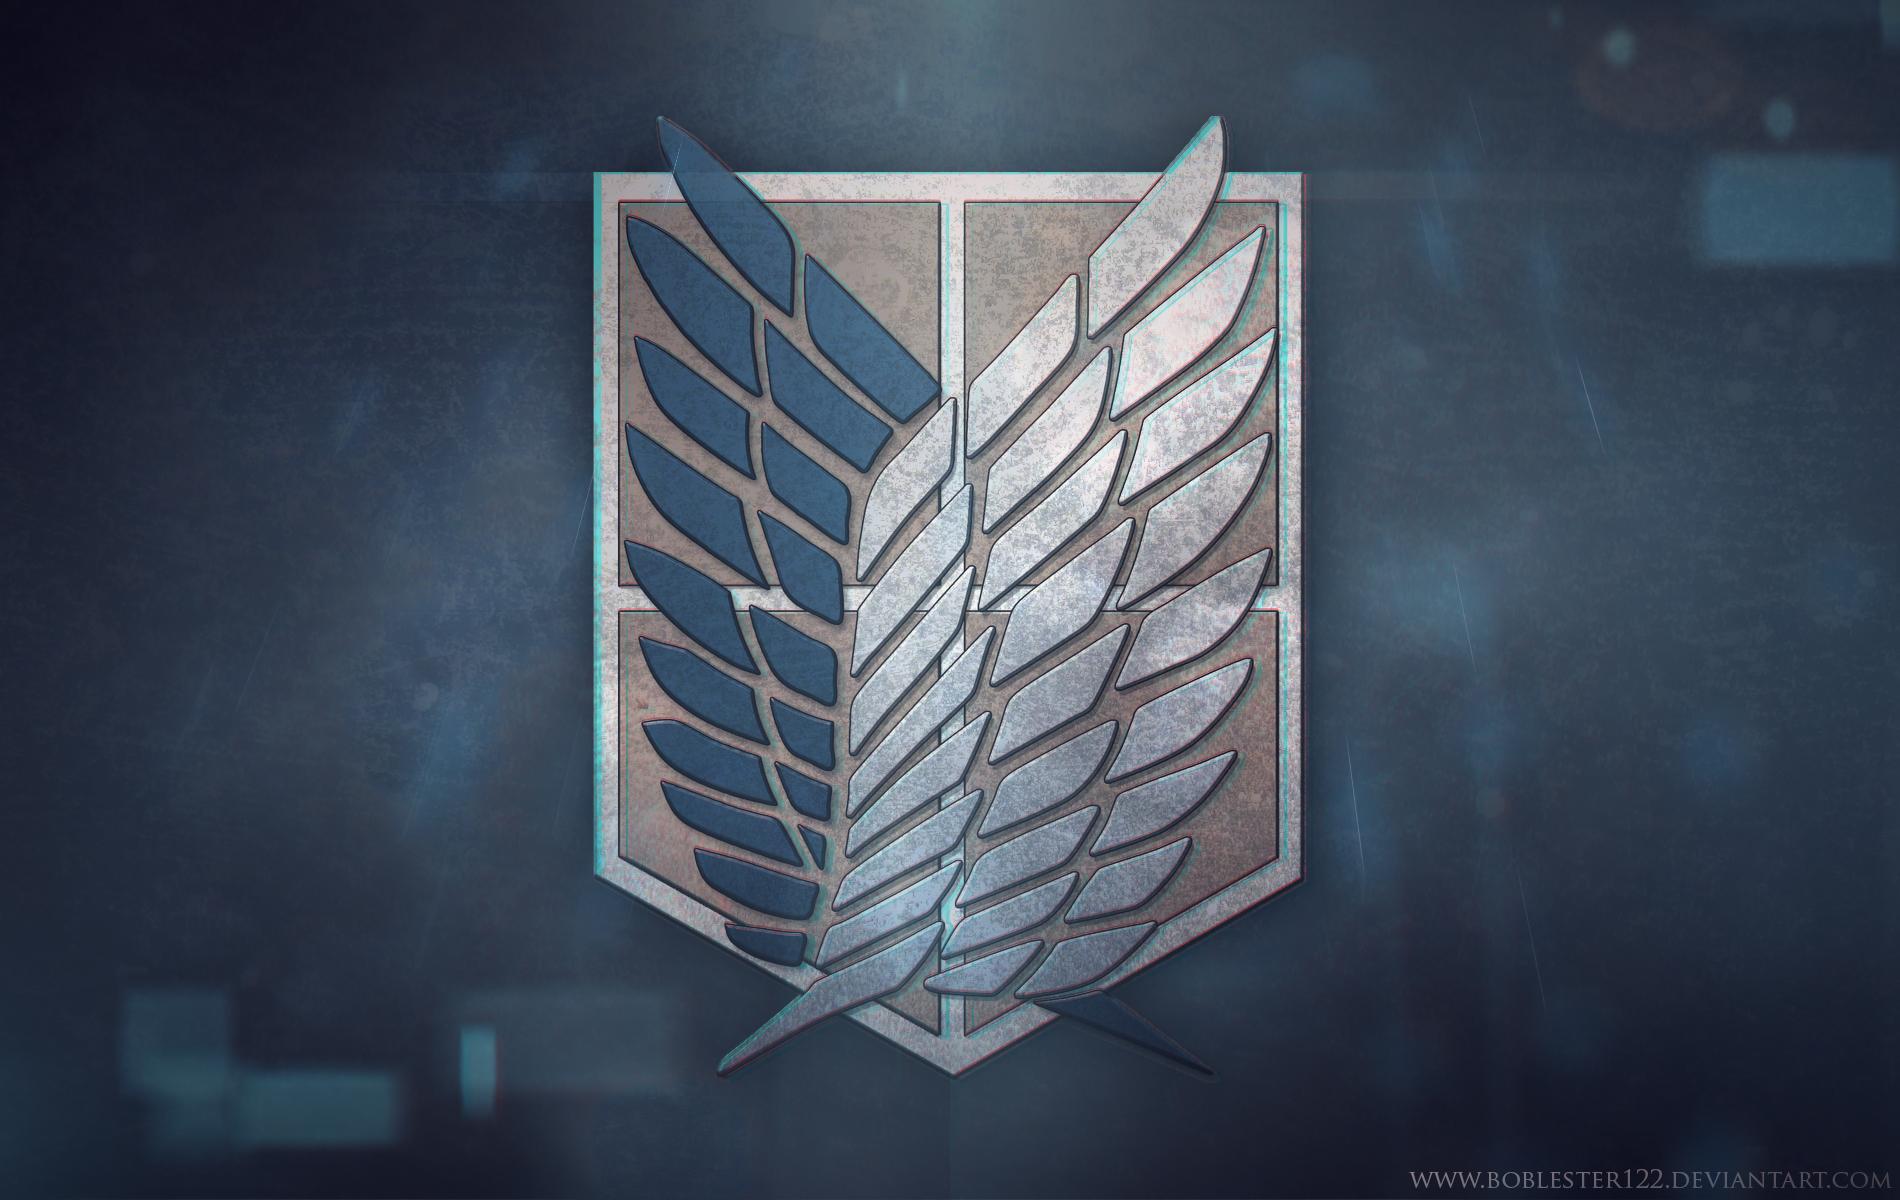 ... attack on titan live wallpaper attack on titan wallpaper iphone Attack On Titan Survey Corps Iphone Wallpaper